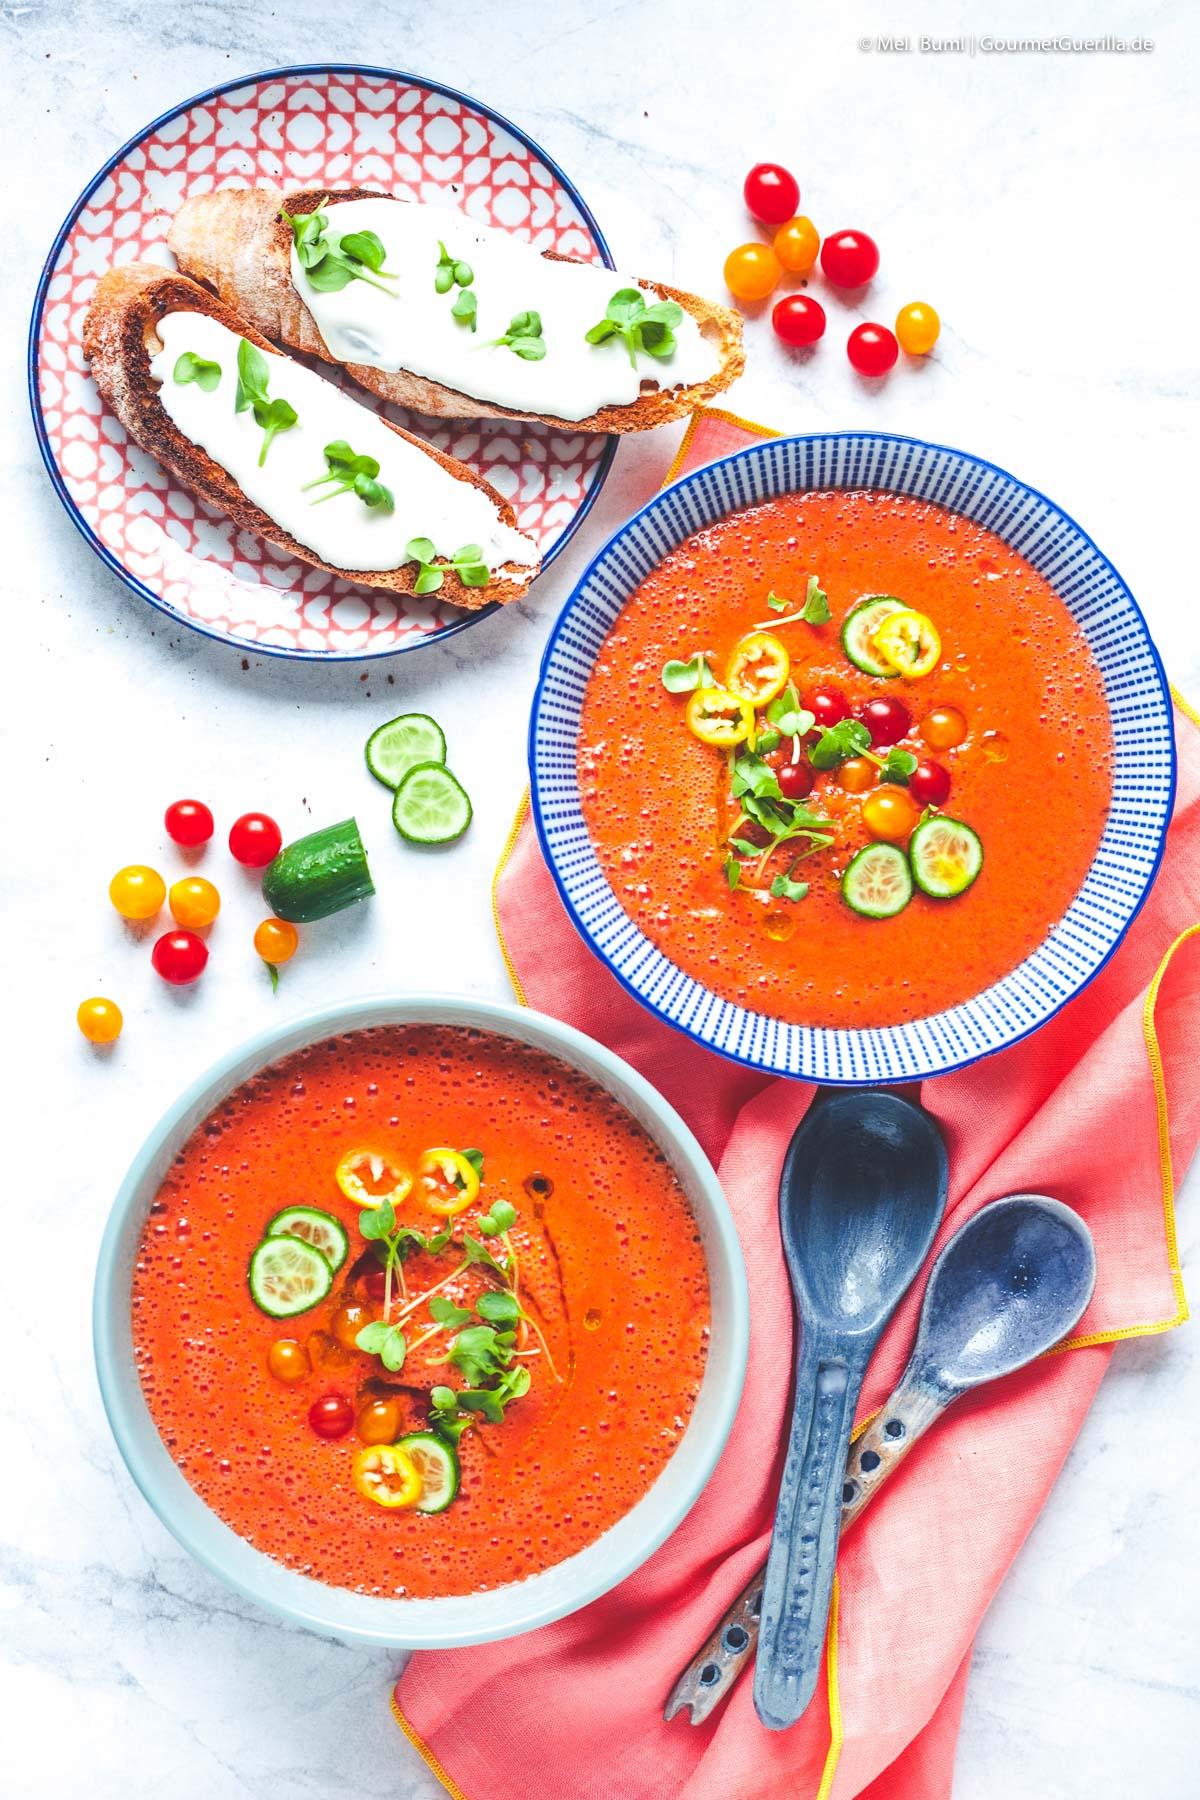 Erfrischendes Melonen-Tomaten-Süppchen mit Ziegenkäse-Crostini |GourmetGuerilla.de